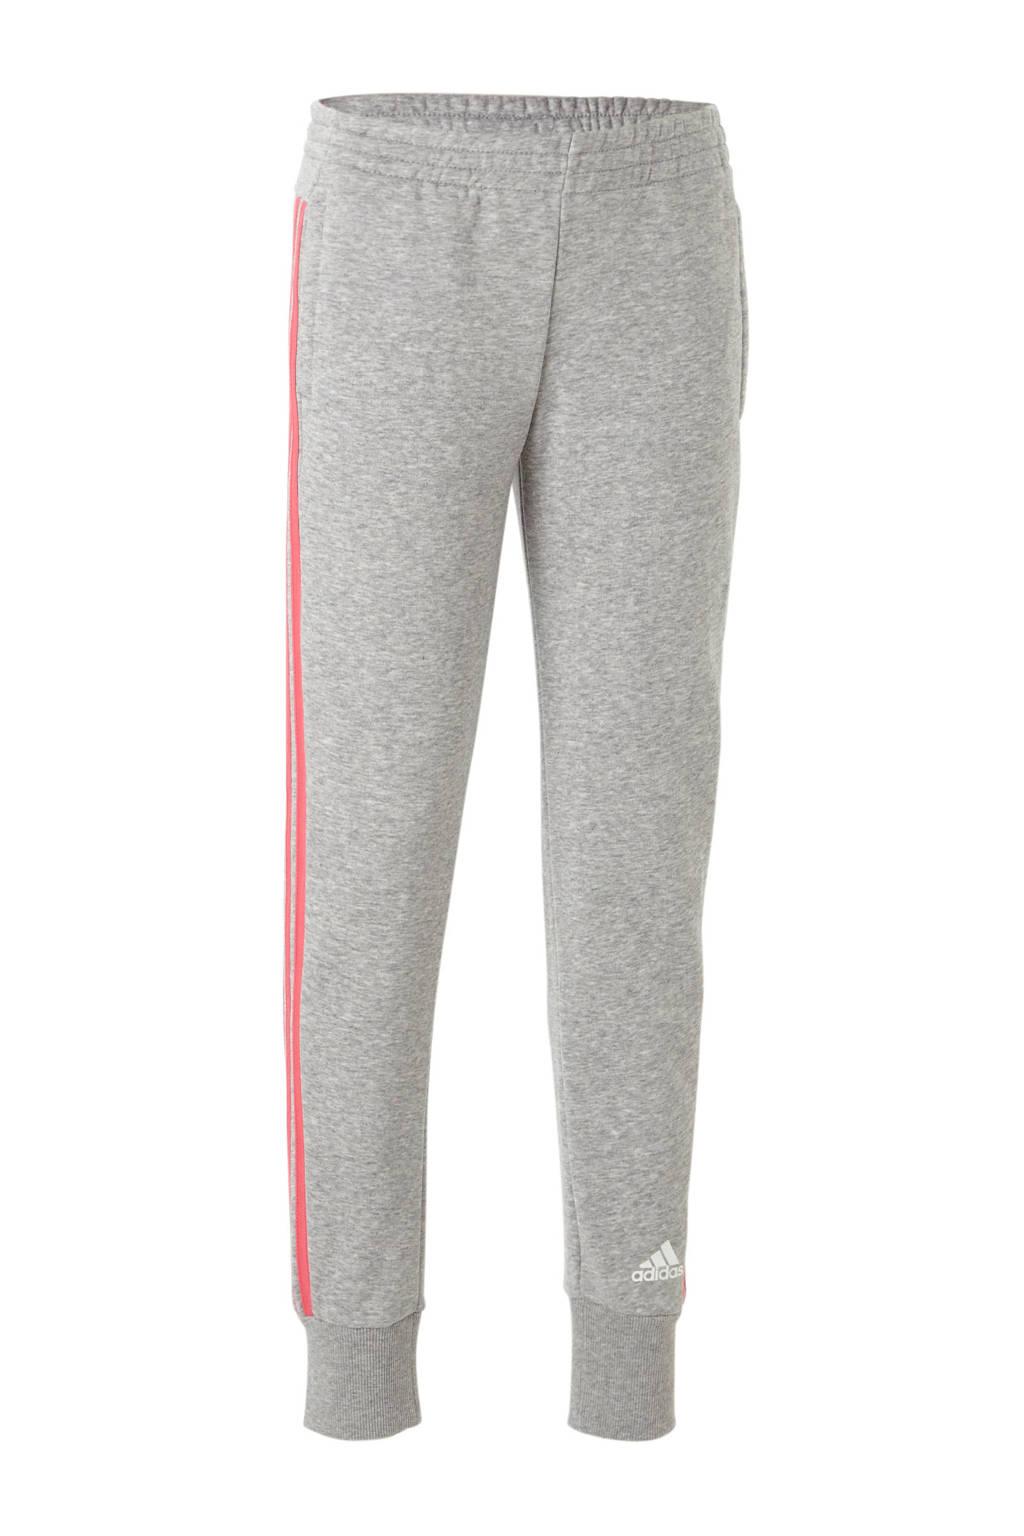 adidas performance joggingbroek, Grijs melange/roze